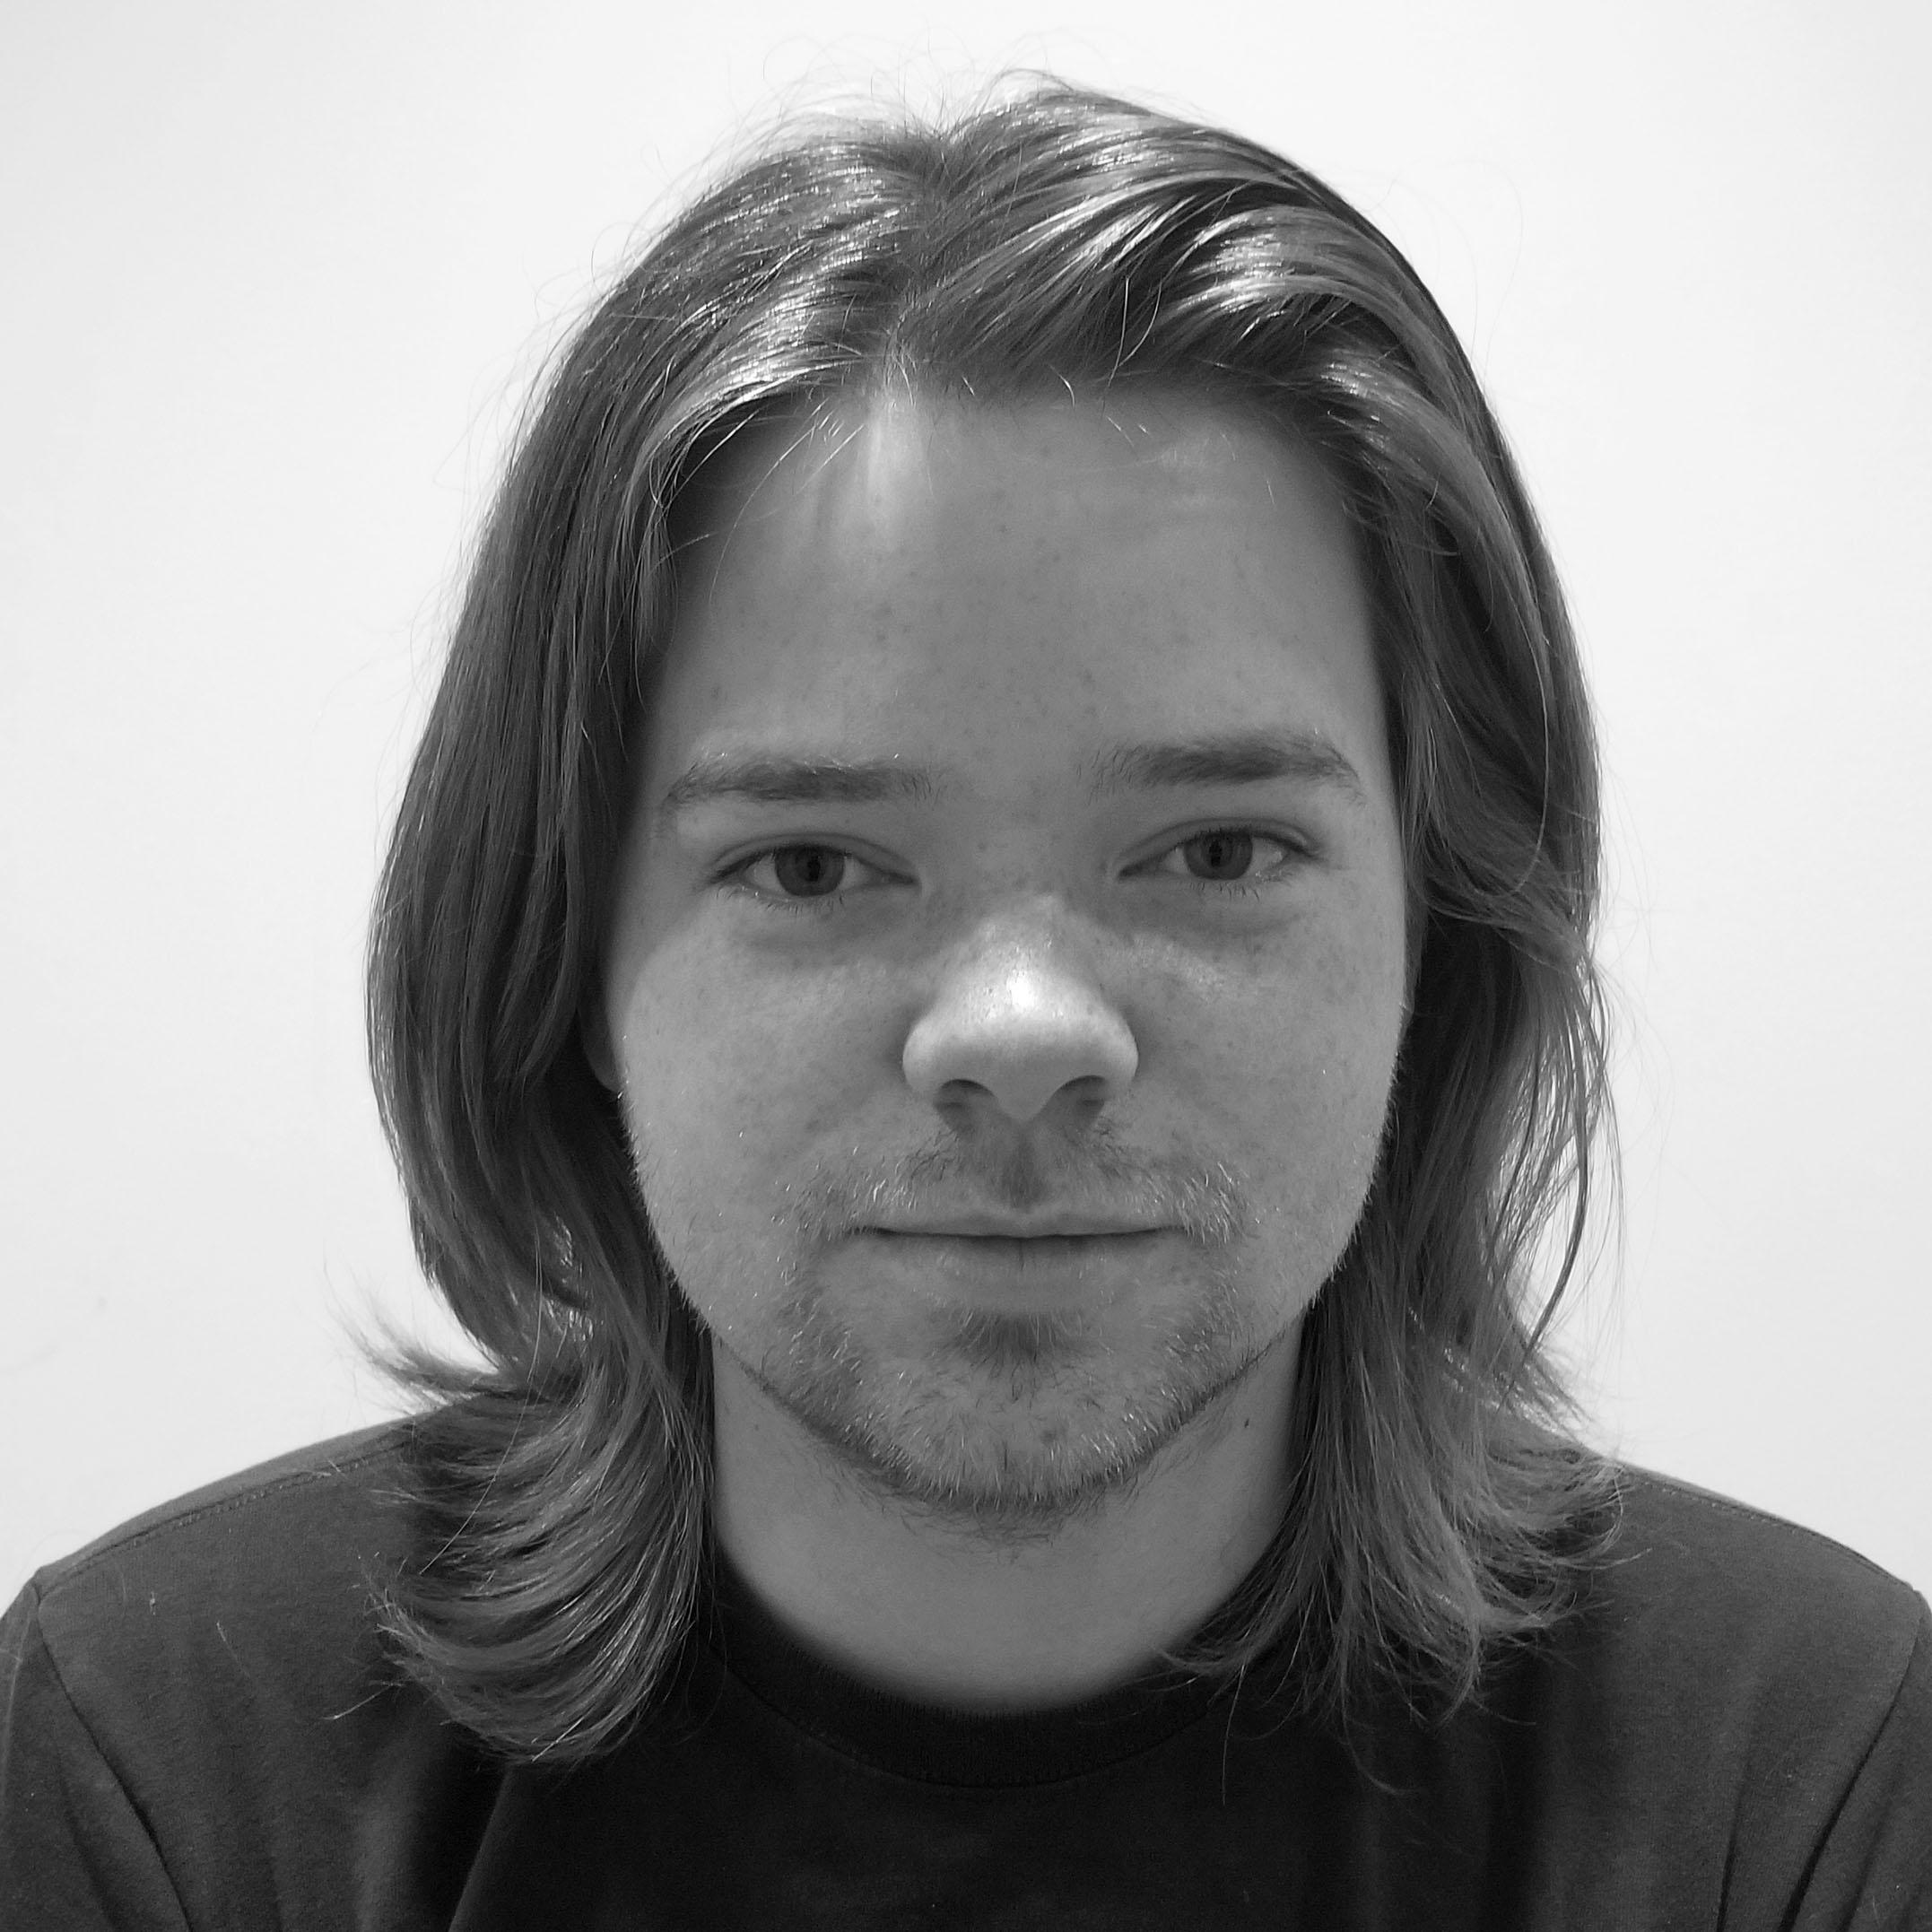 Adam Schoelz